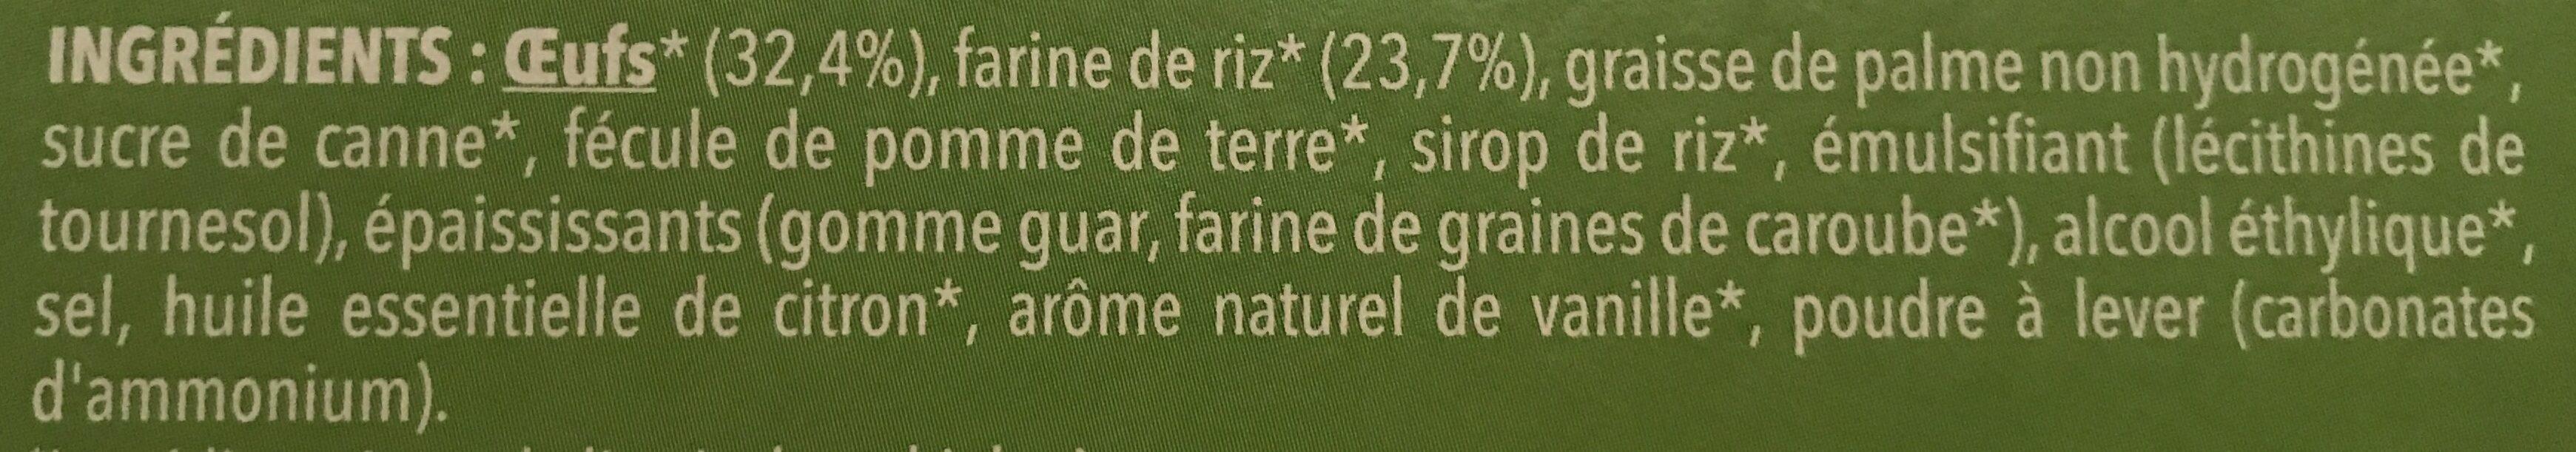 Madeleine saveur citron - Ingredients